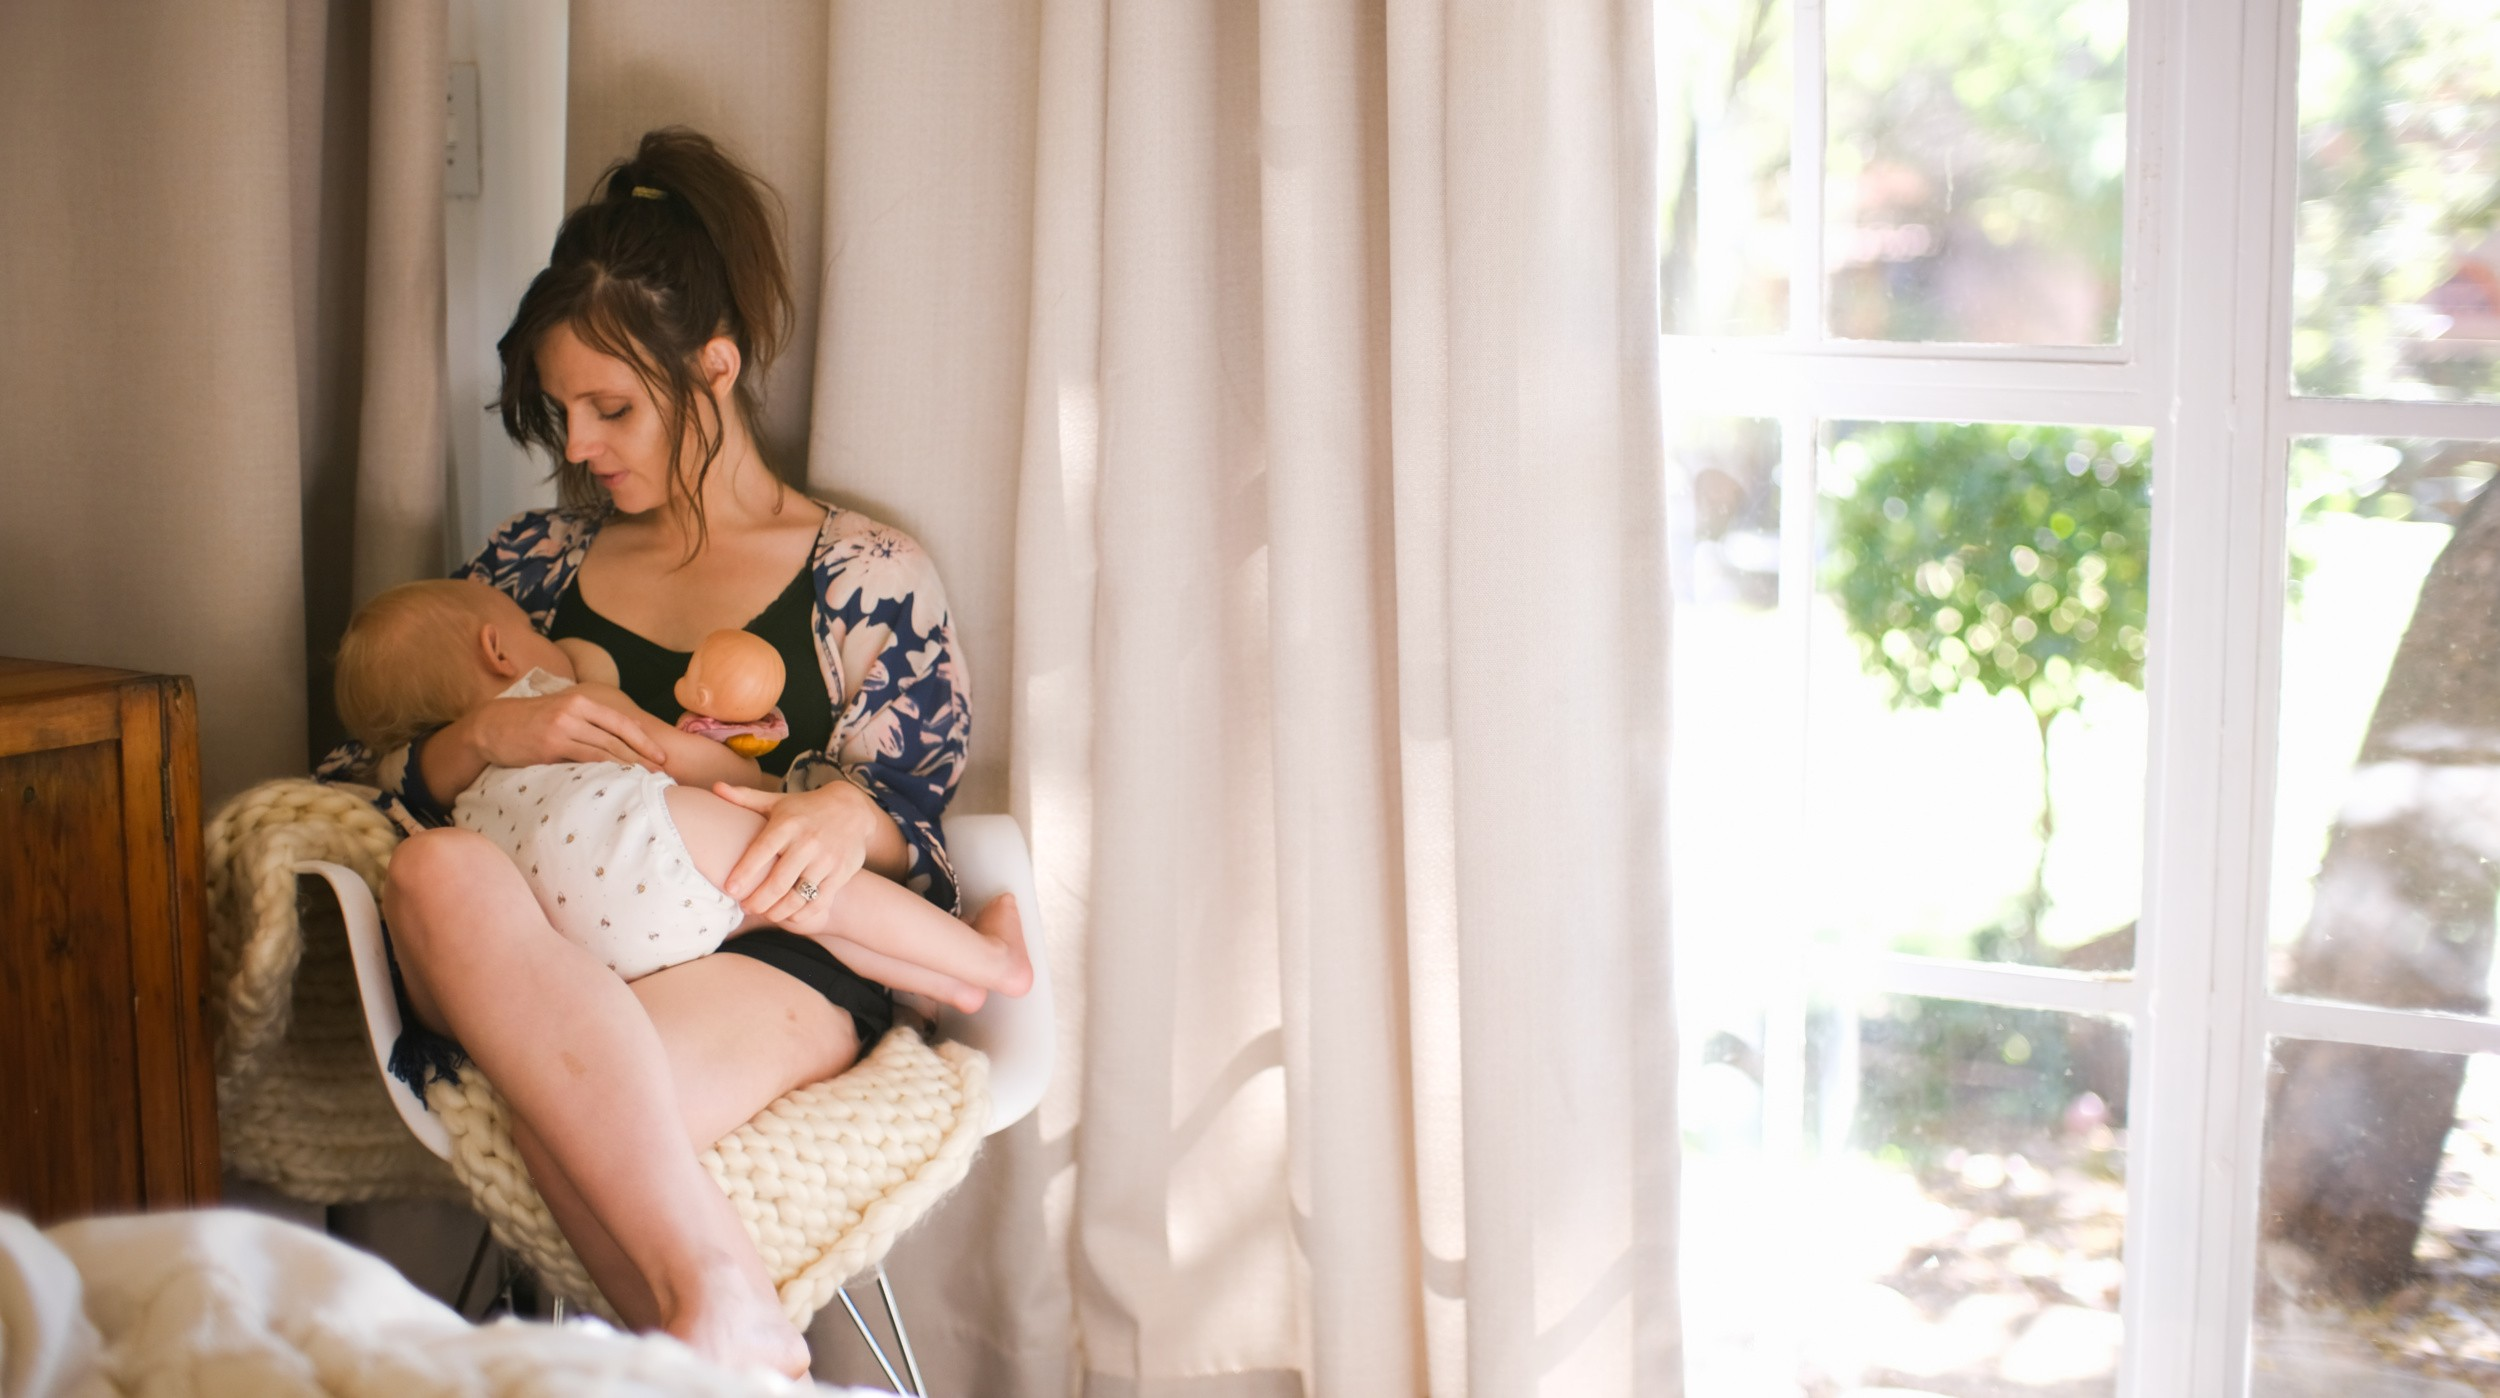 #Momming101: Breastfeeding for beginners